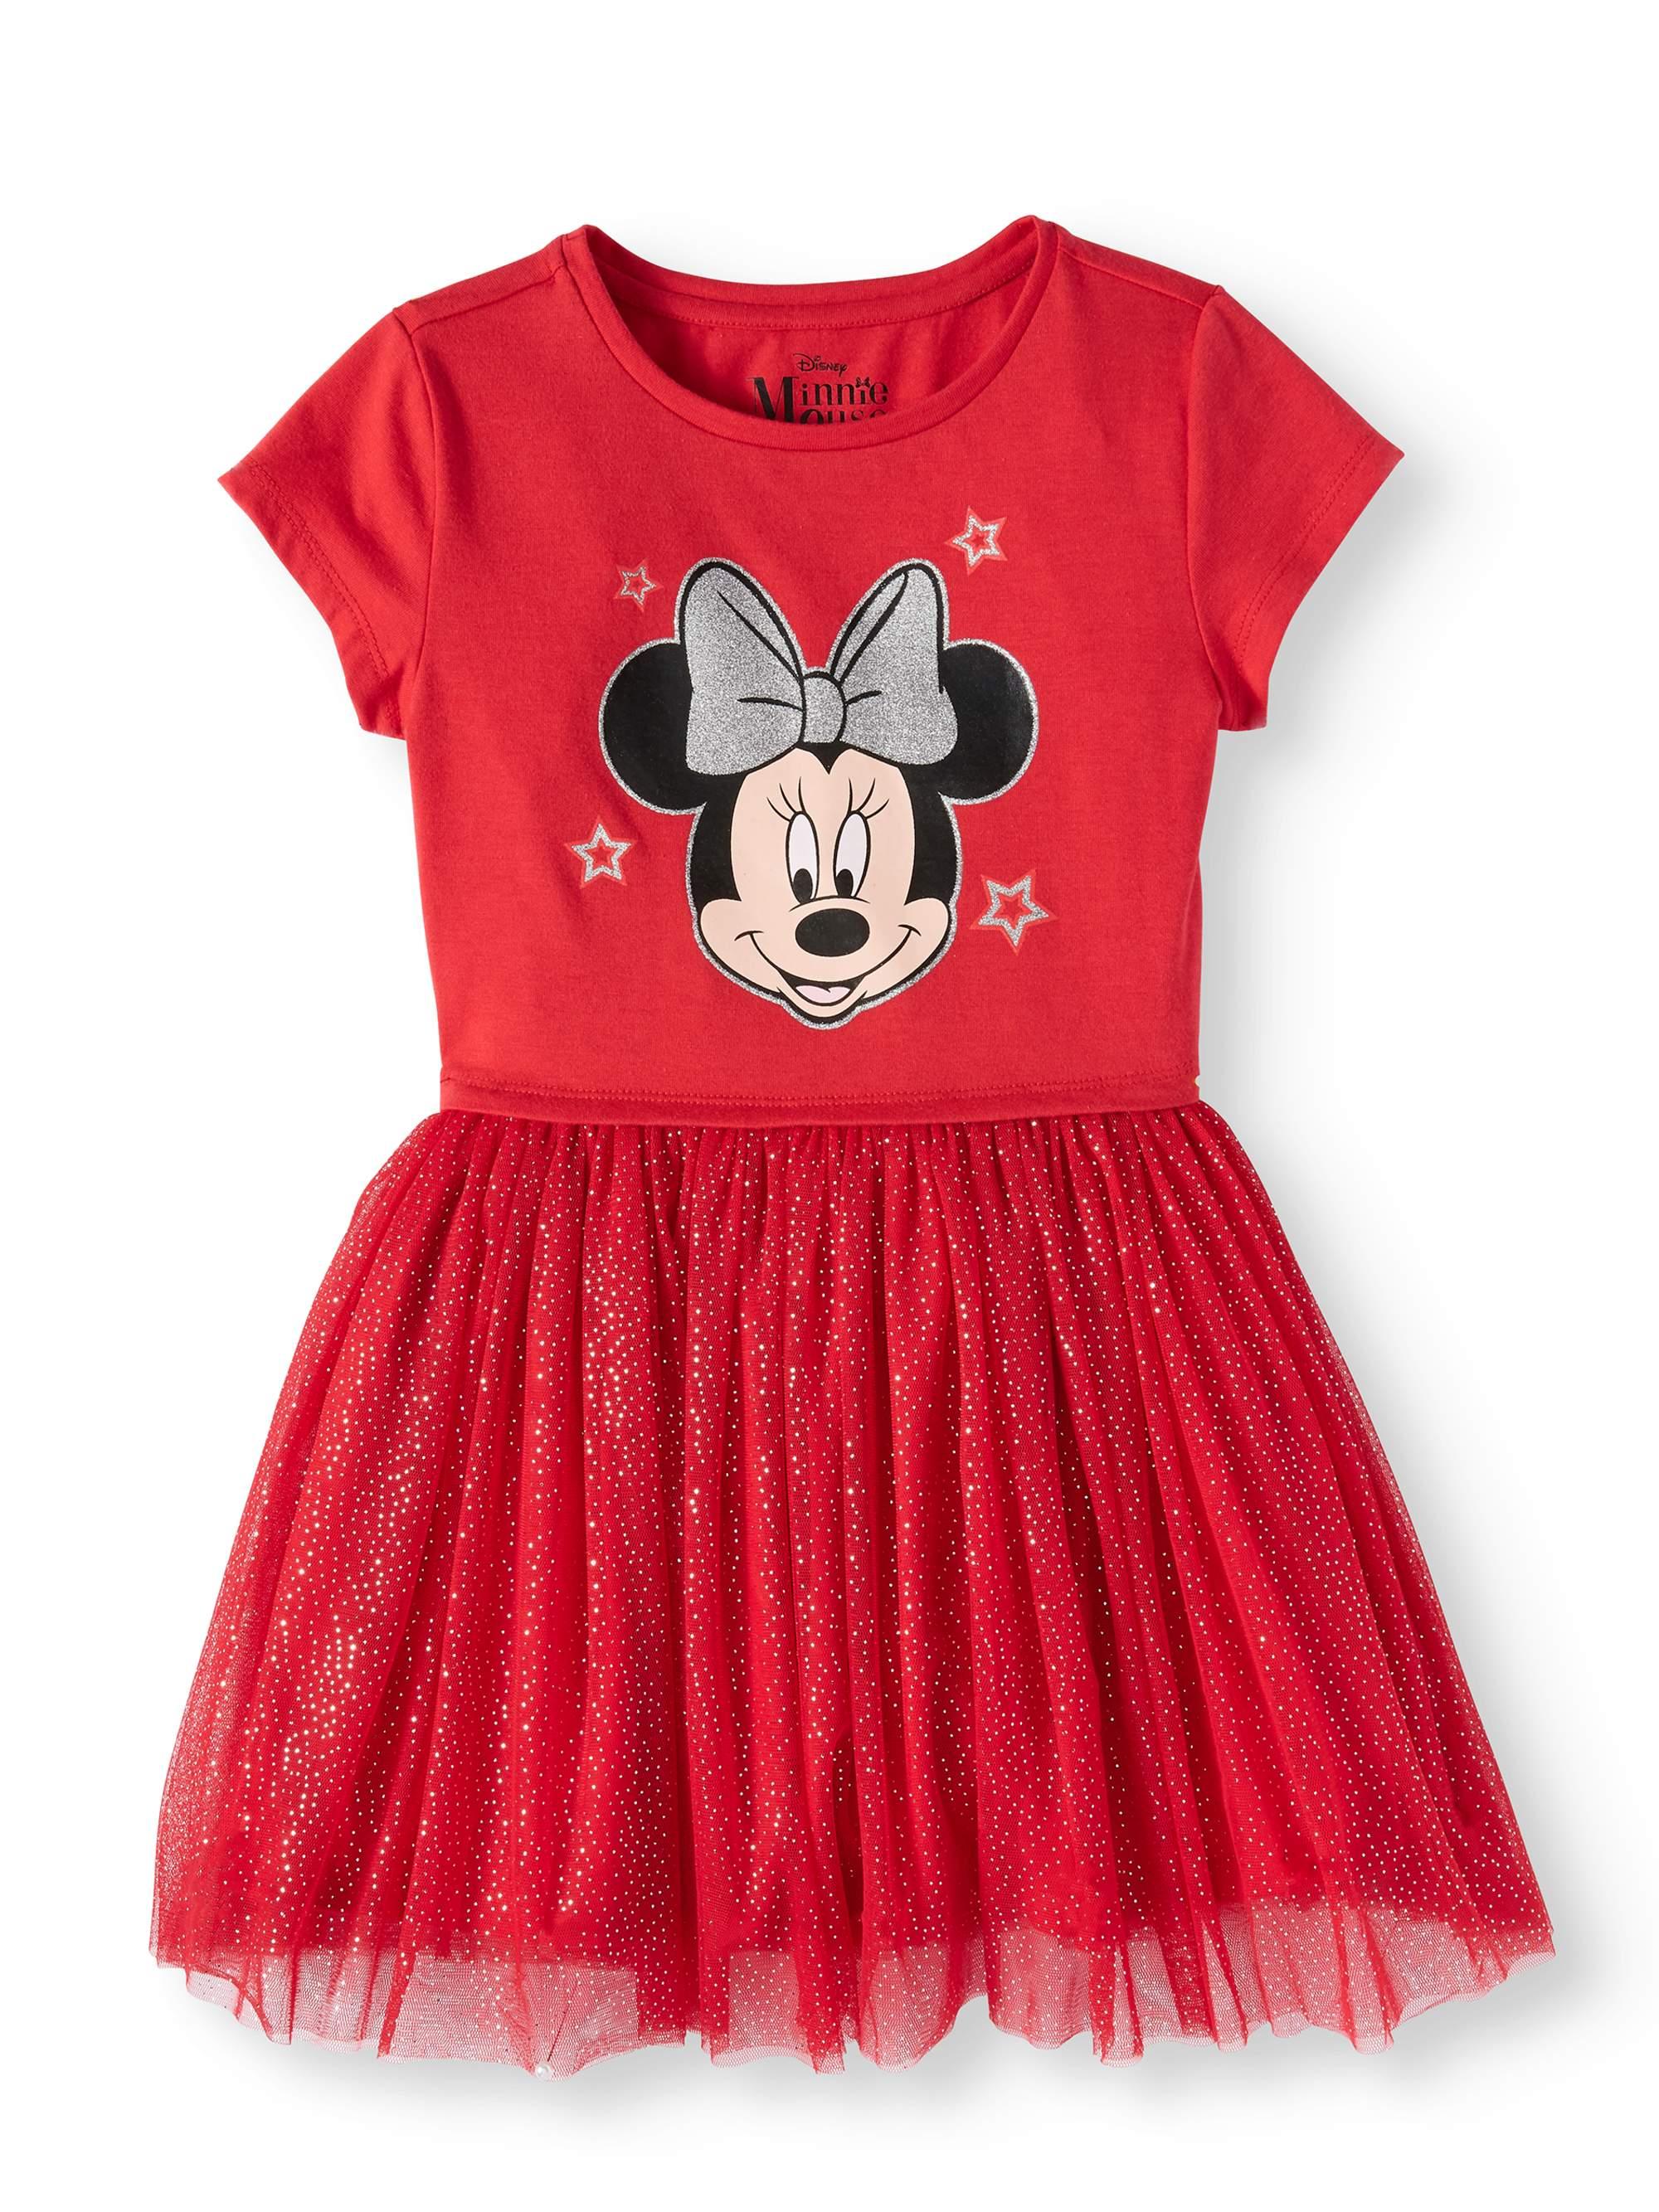 Vestido de minnie mouse original fucsia